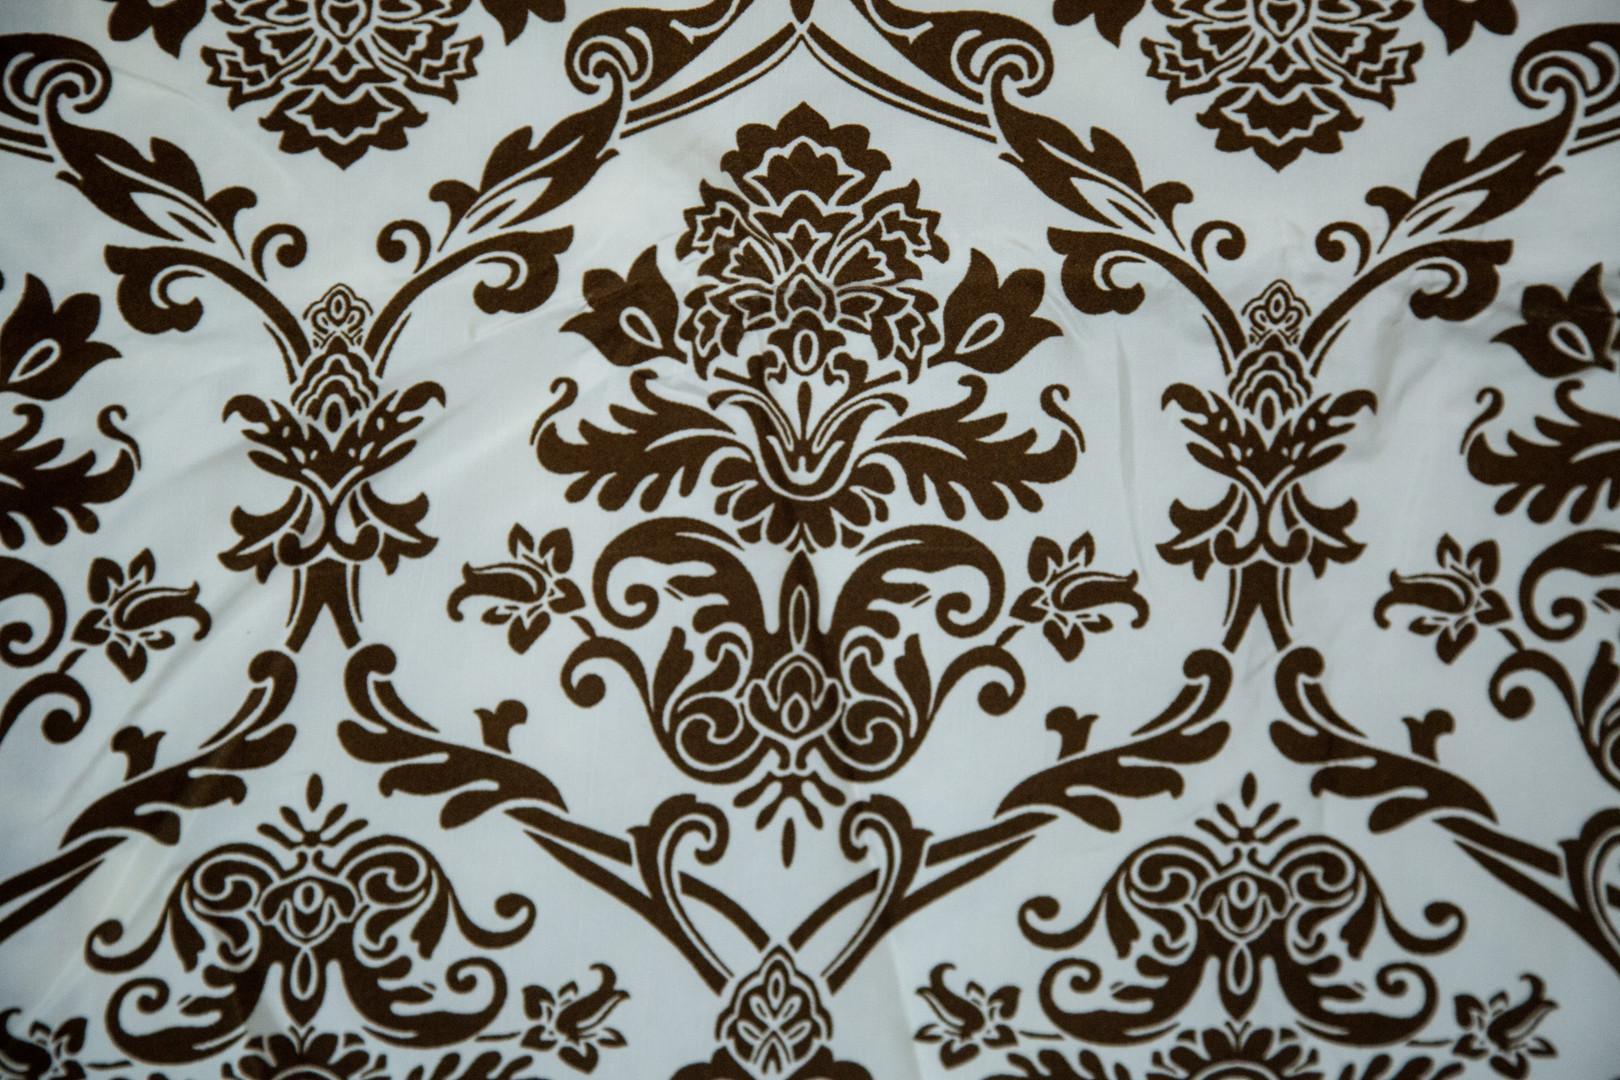 Brown & White Damask